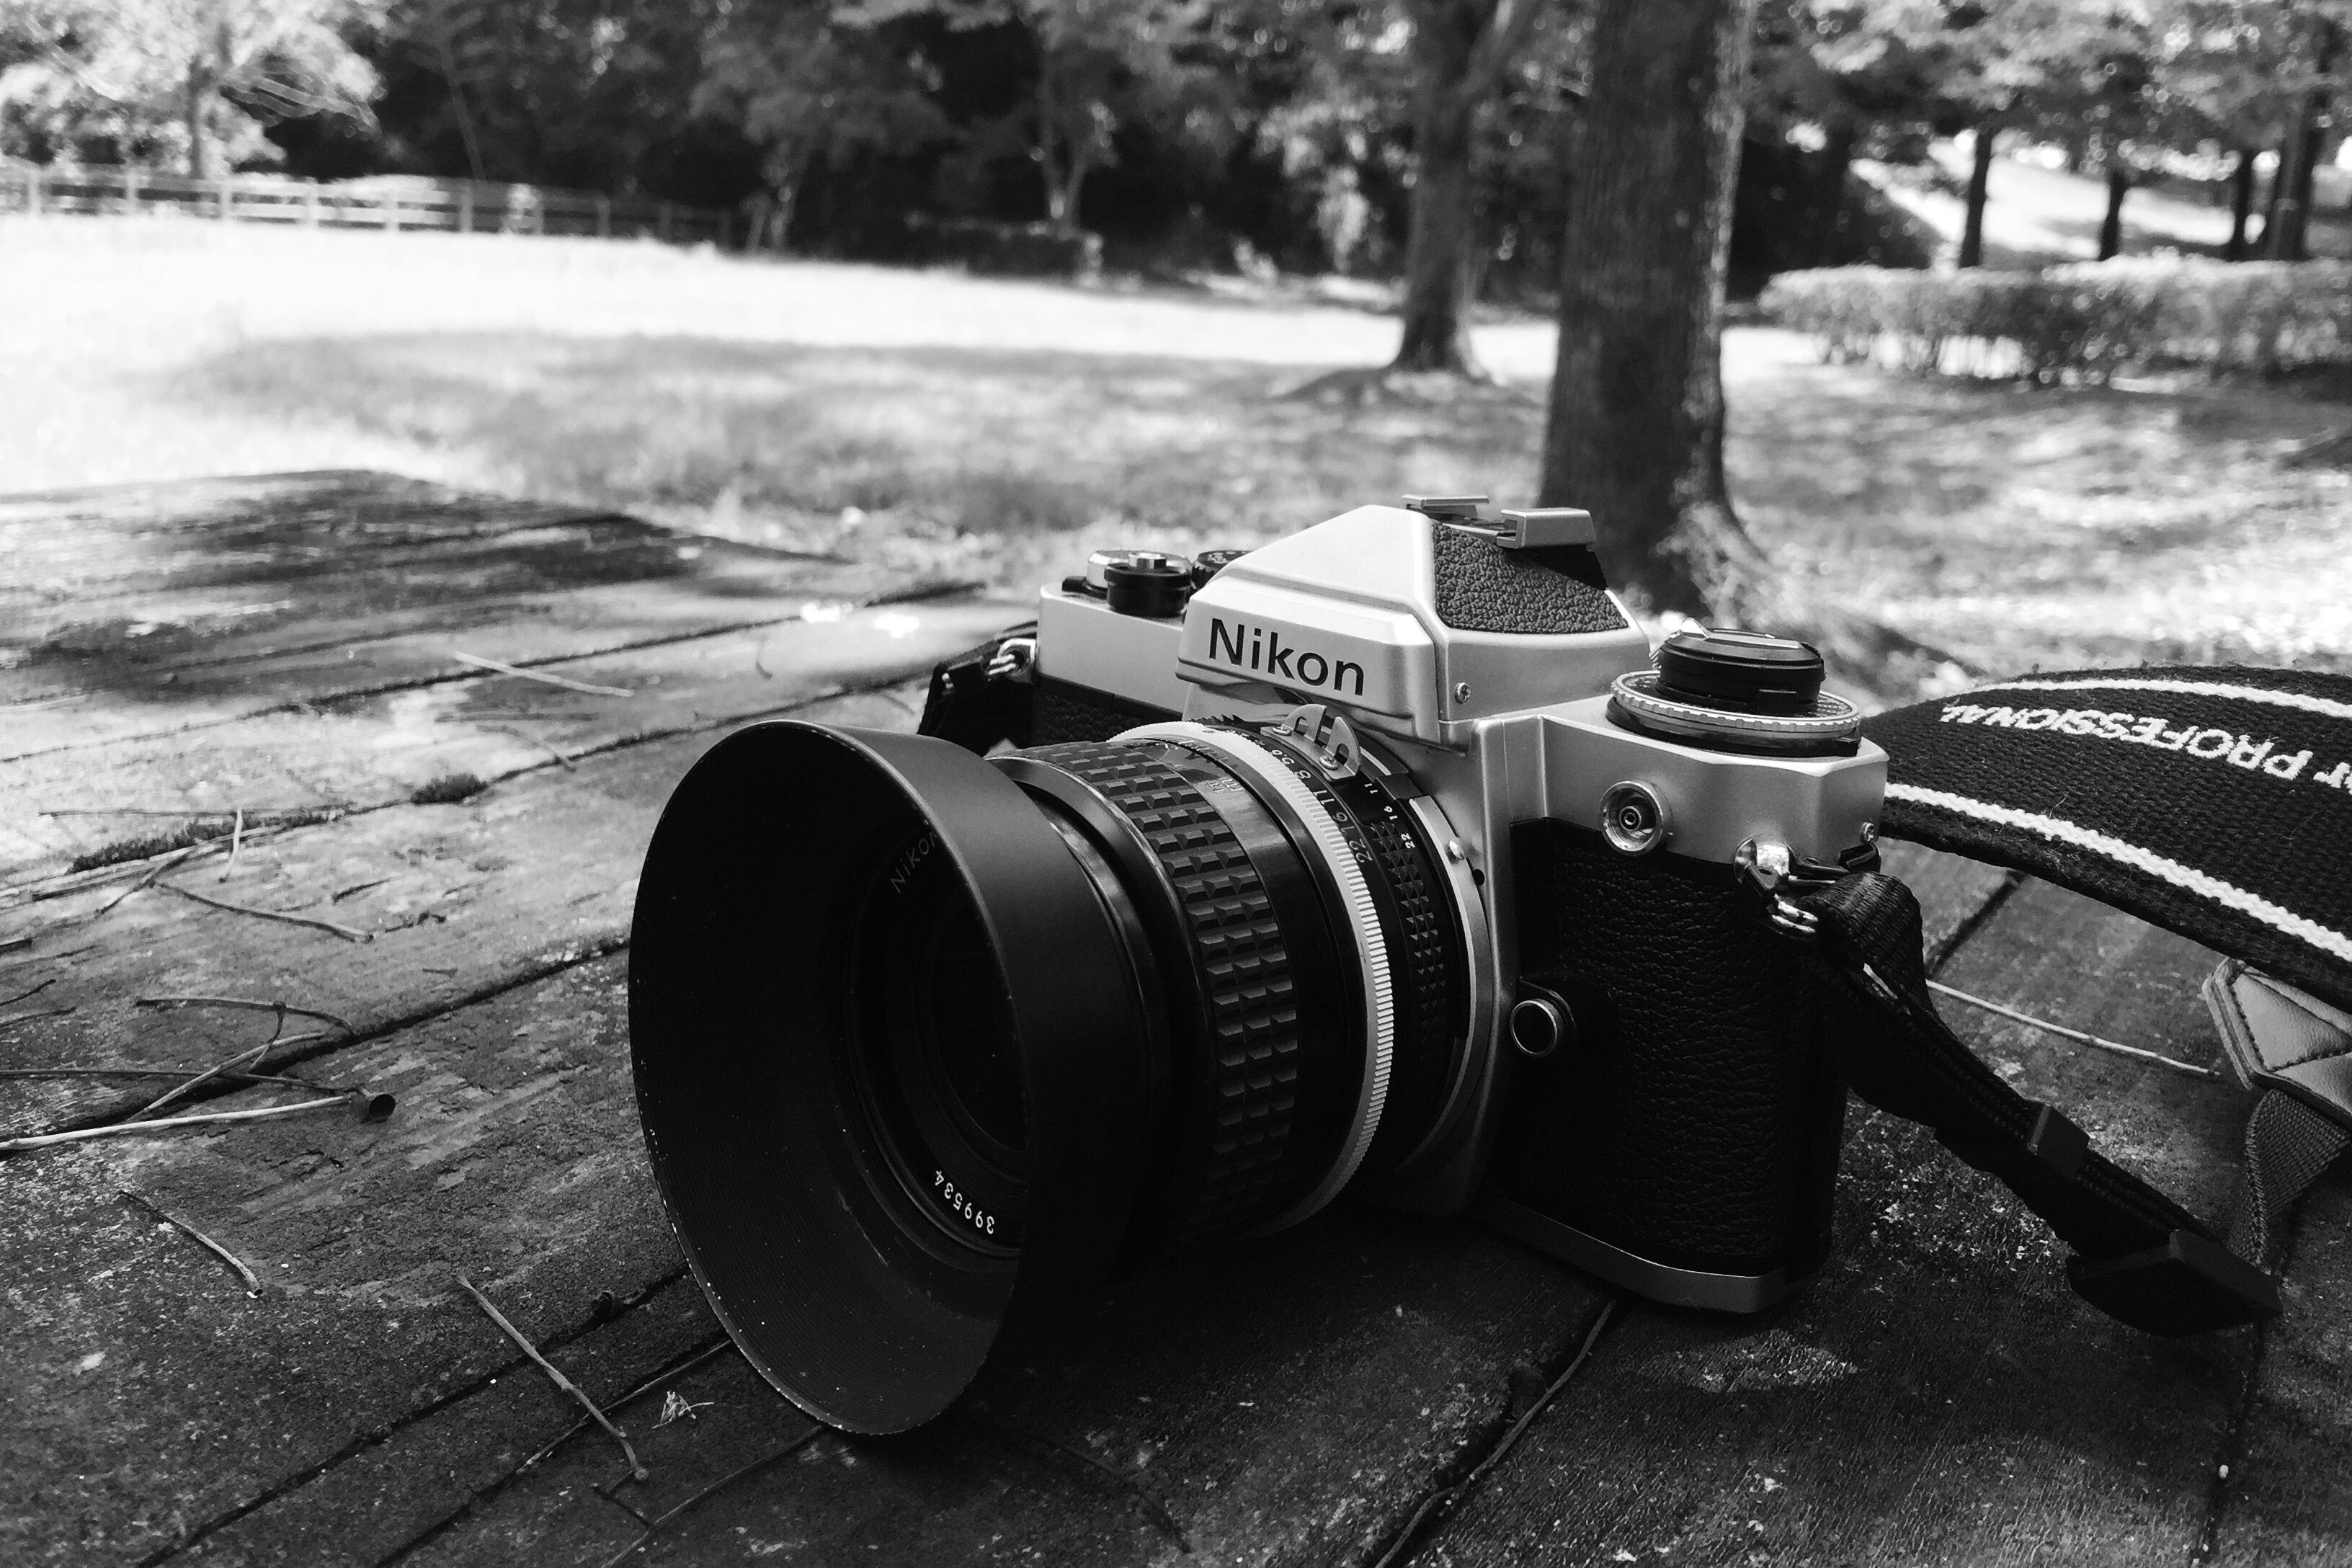 ラフに使えるおすすめの散歩カメラ、Nikon FE。